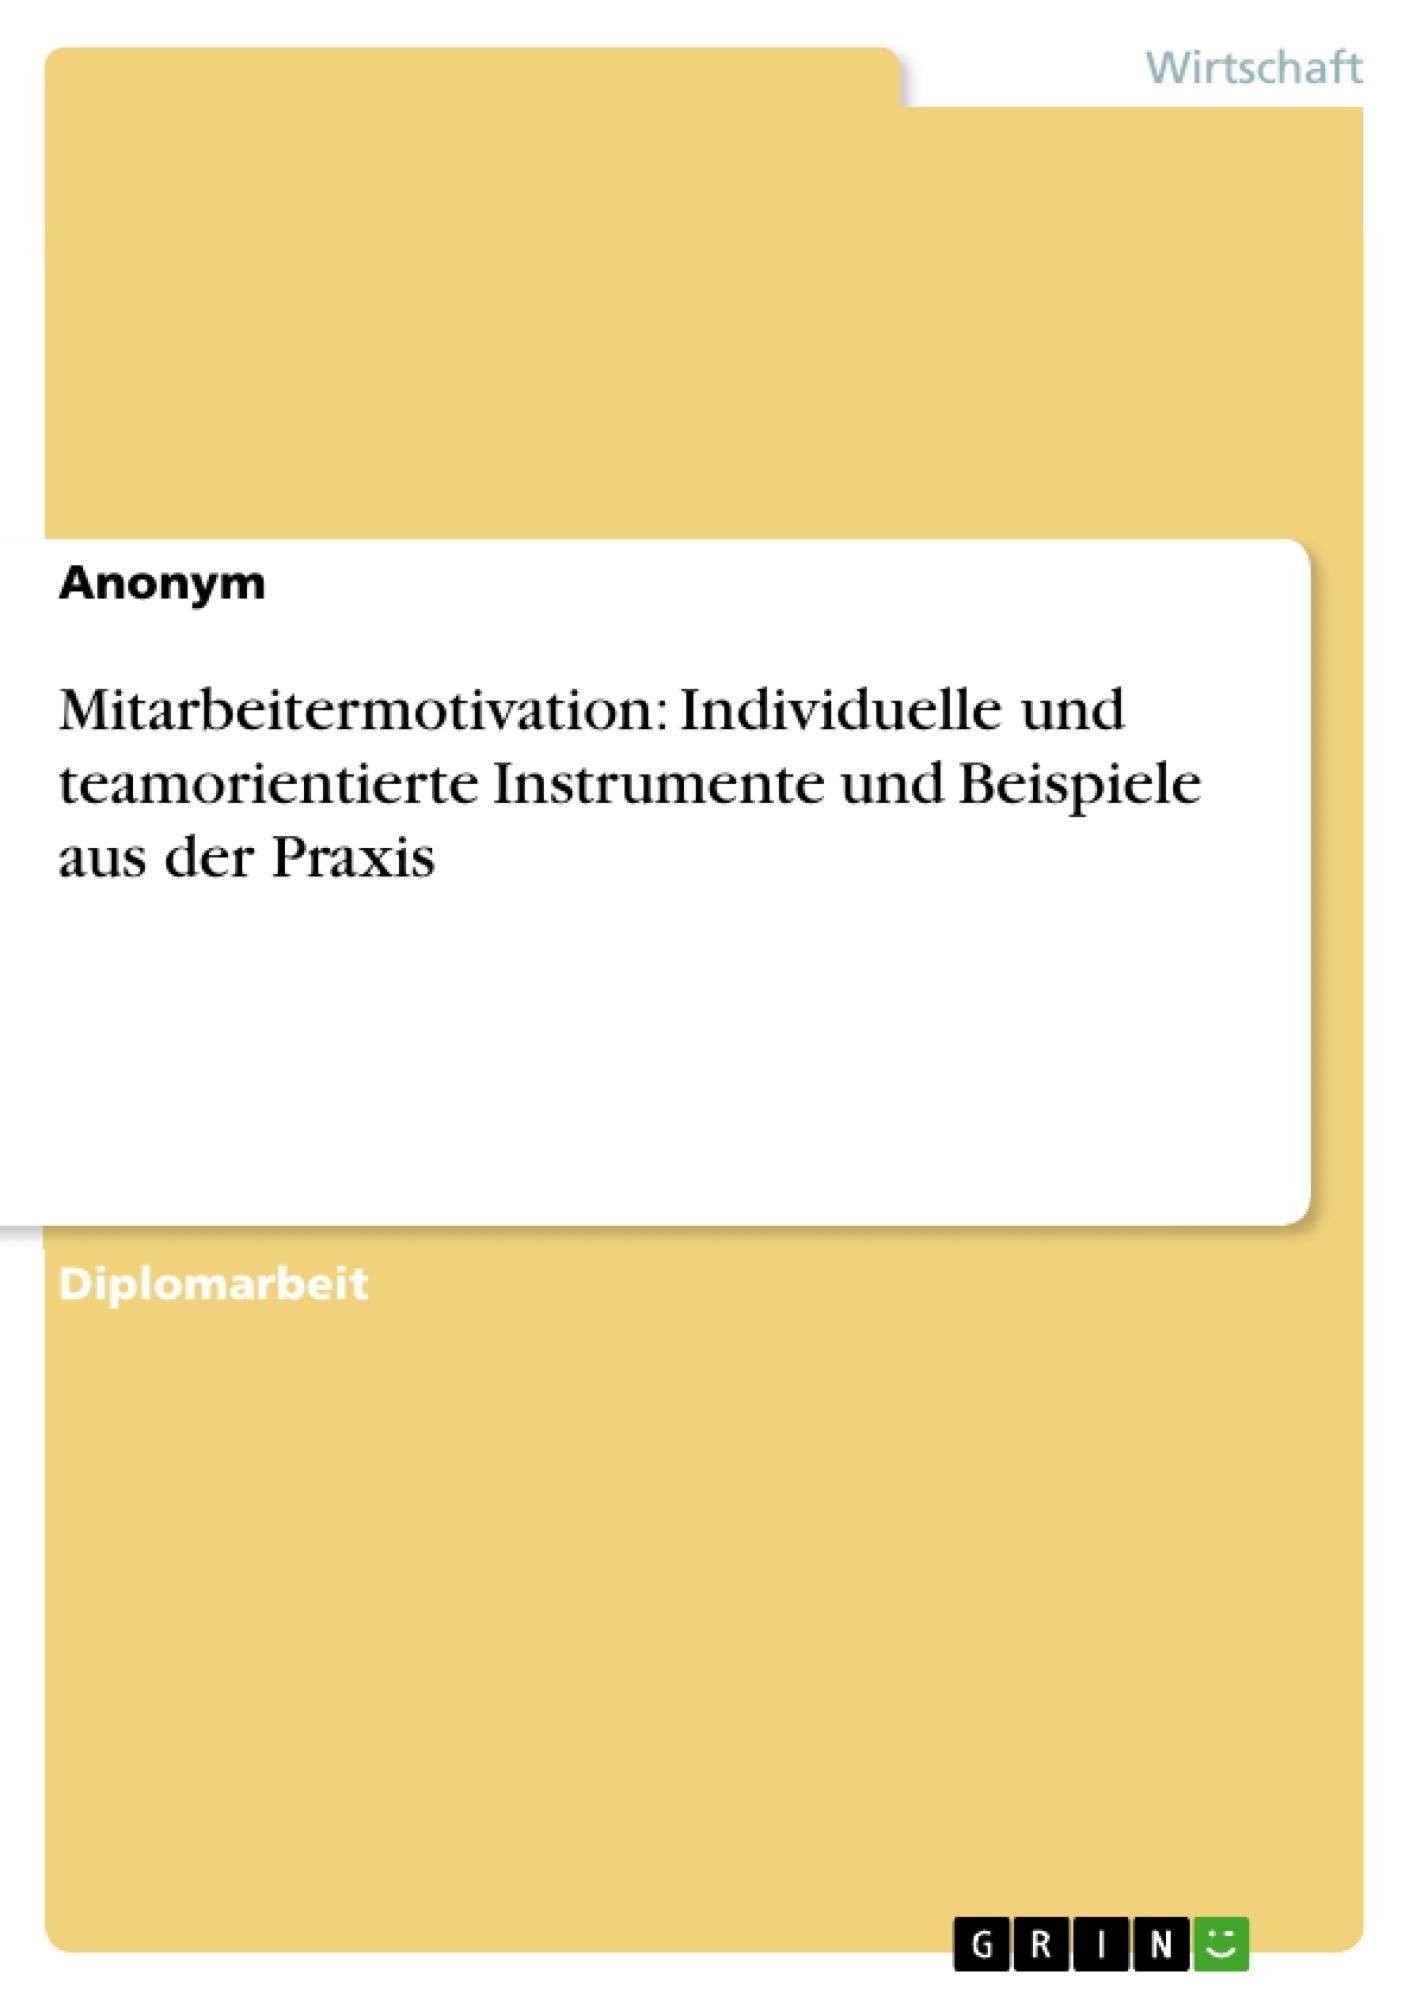 Titel: Mitarbeitermotivation: Individuelle und teamorientierte Instrumente und Beispiele aus der Praxis